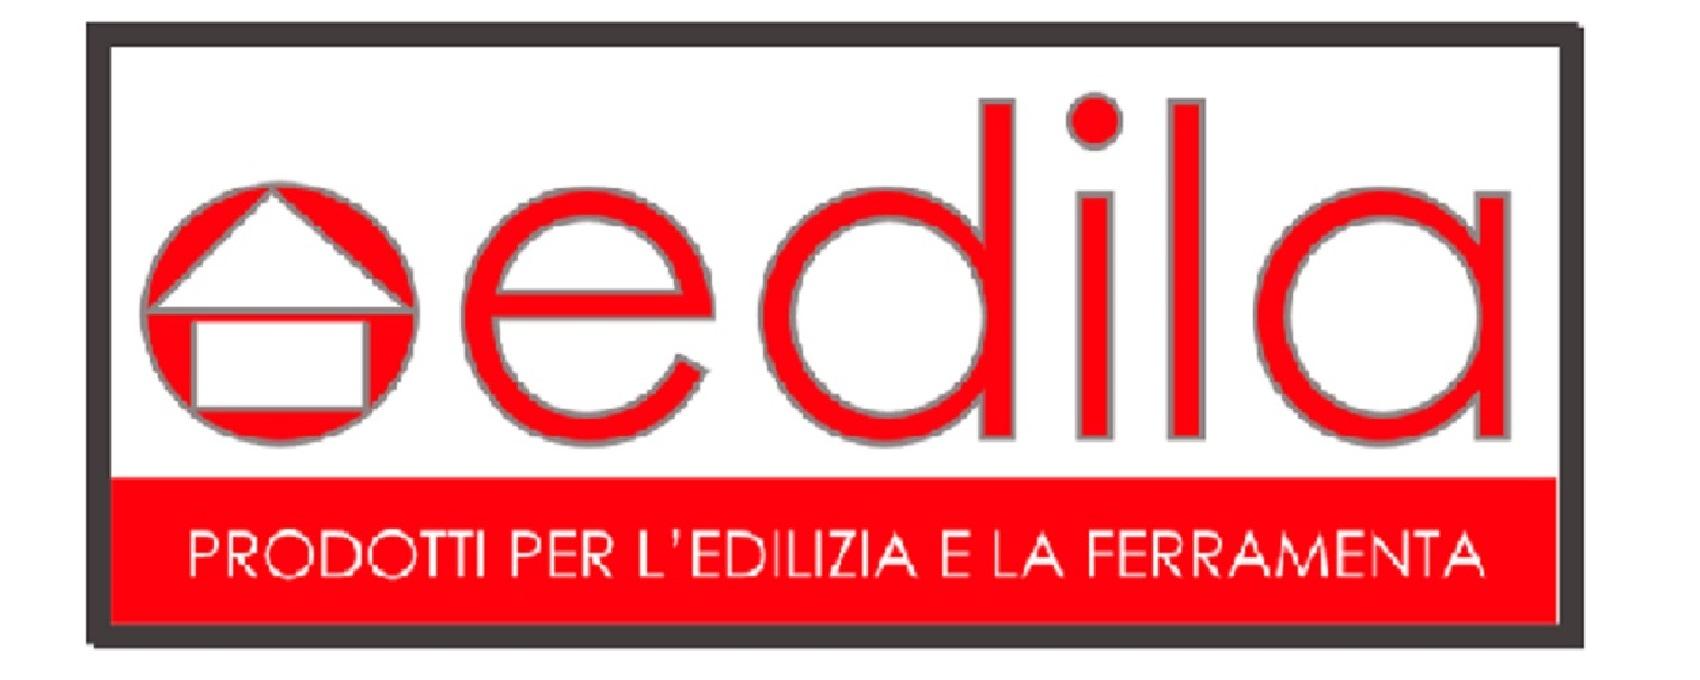 edila-logo-web